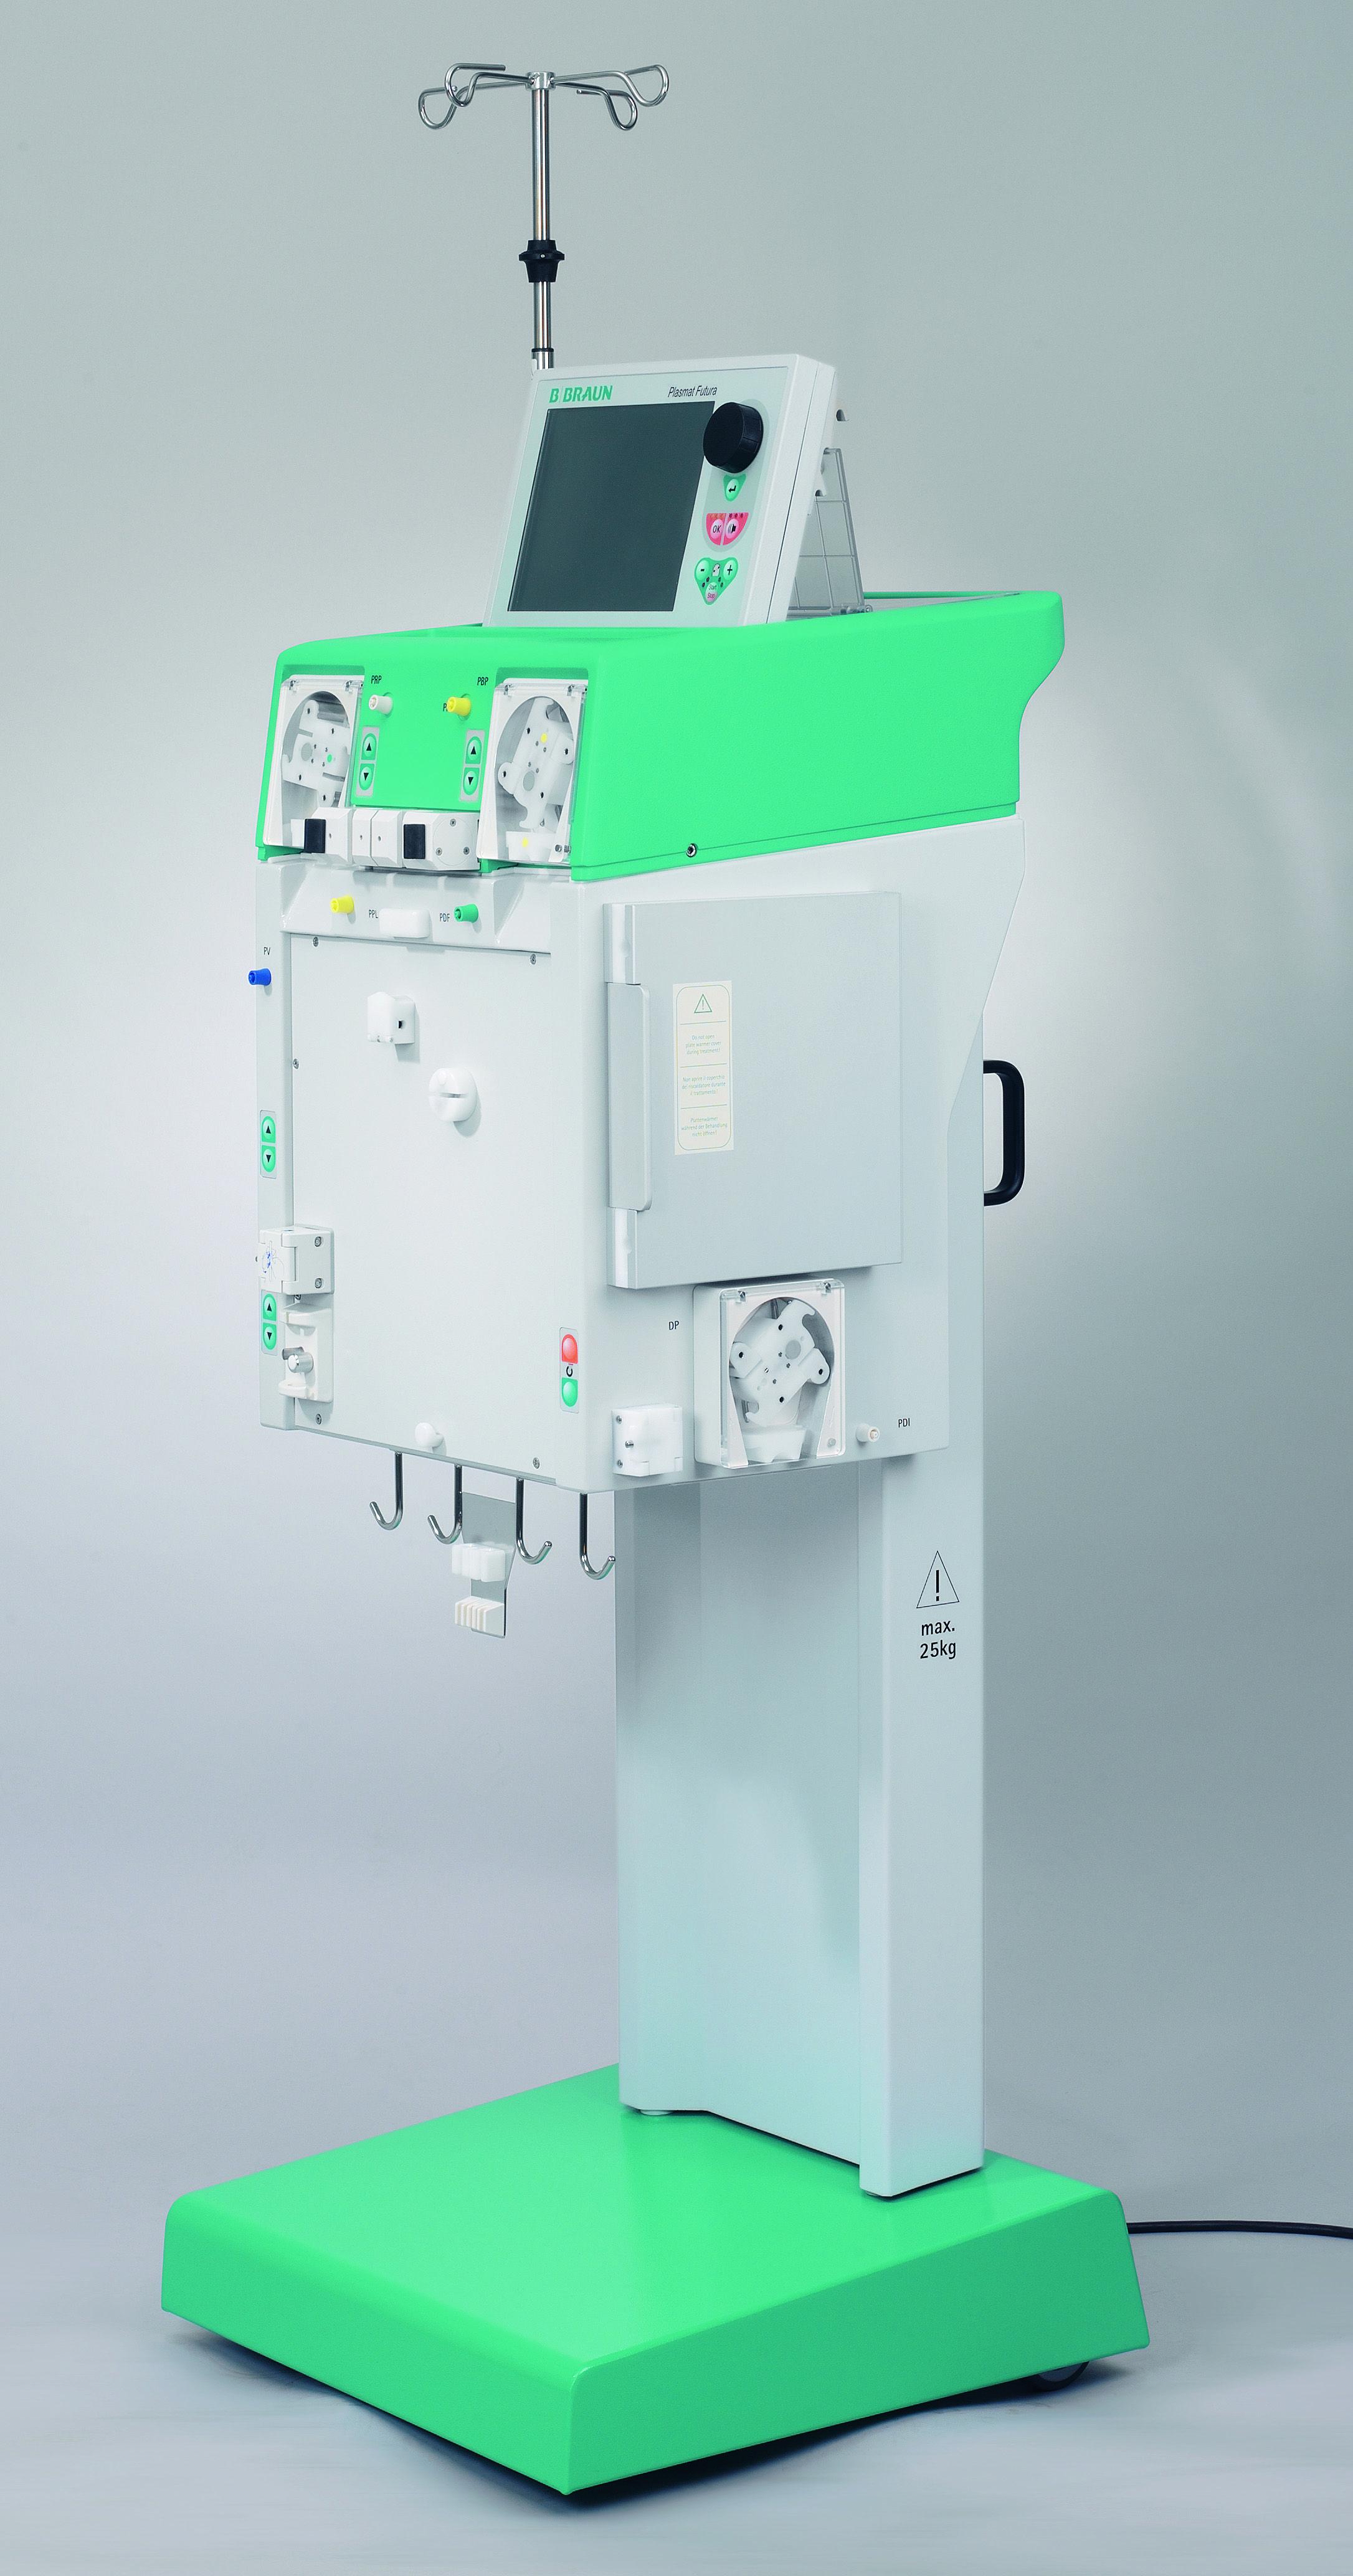 B Braun Plasmat Futura Dialysis Machine Model Information